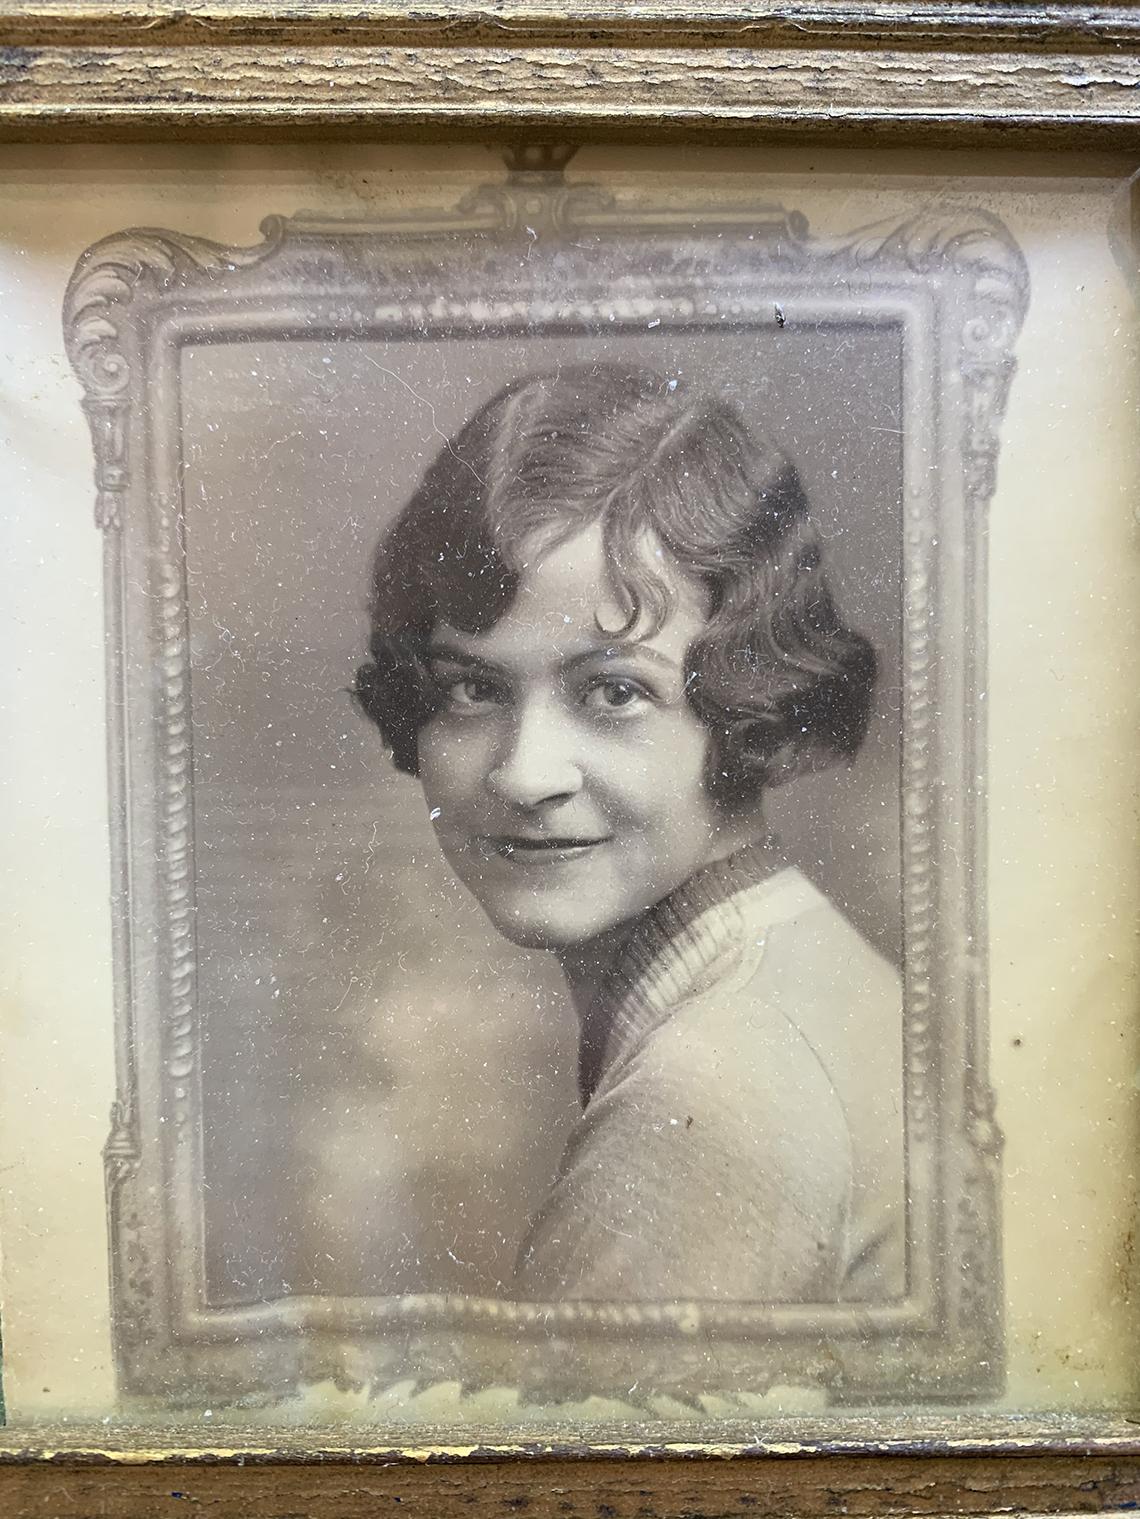 Fotografía en blanco y negro de Thelma Sutcliffe en su juventud